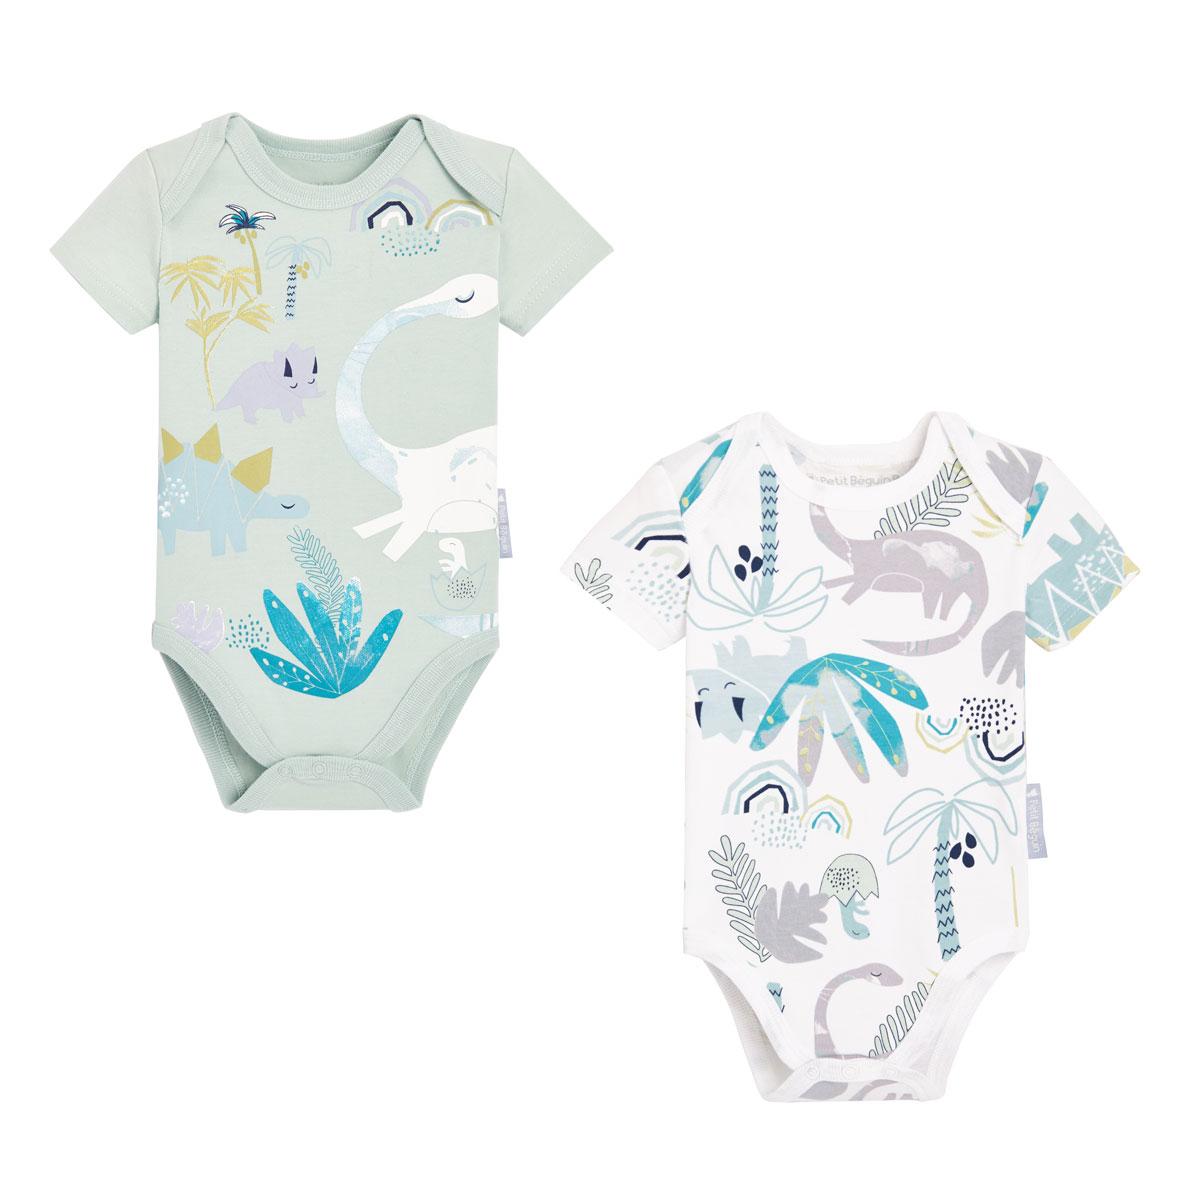 Lot de 2 bodies bébé garçon manches courtes contenant du coton bio Dinokoko